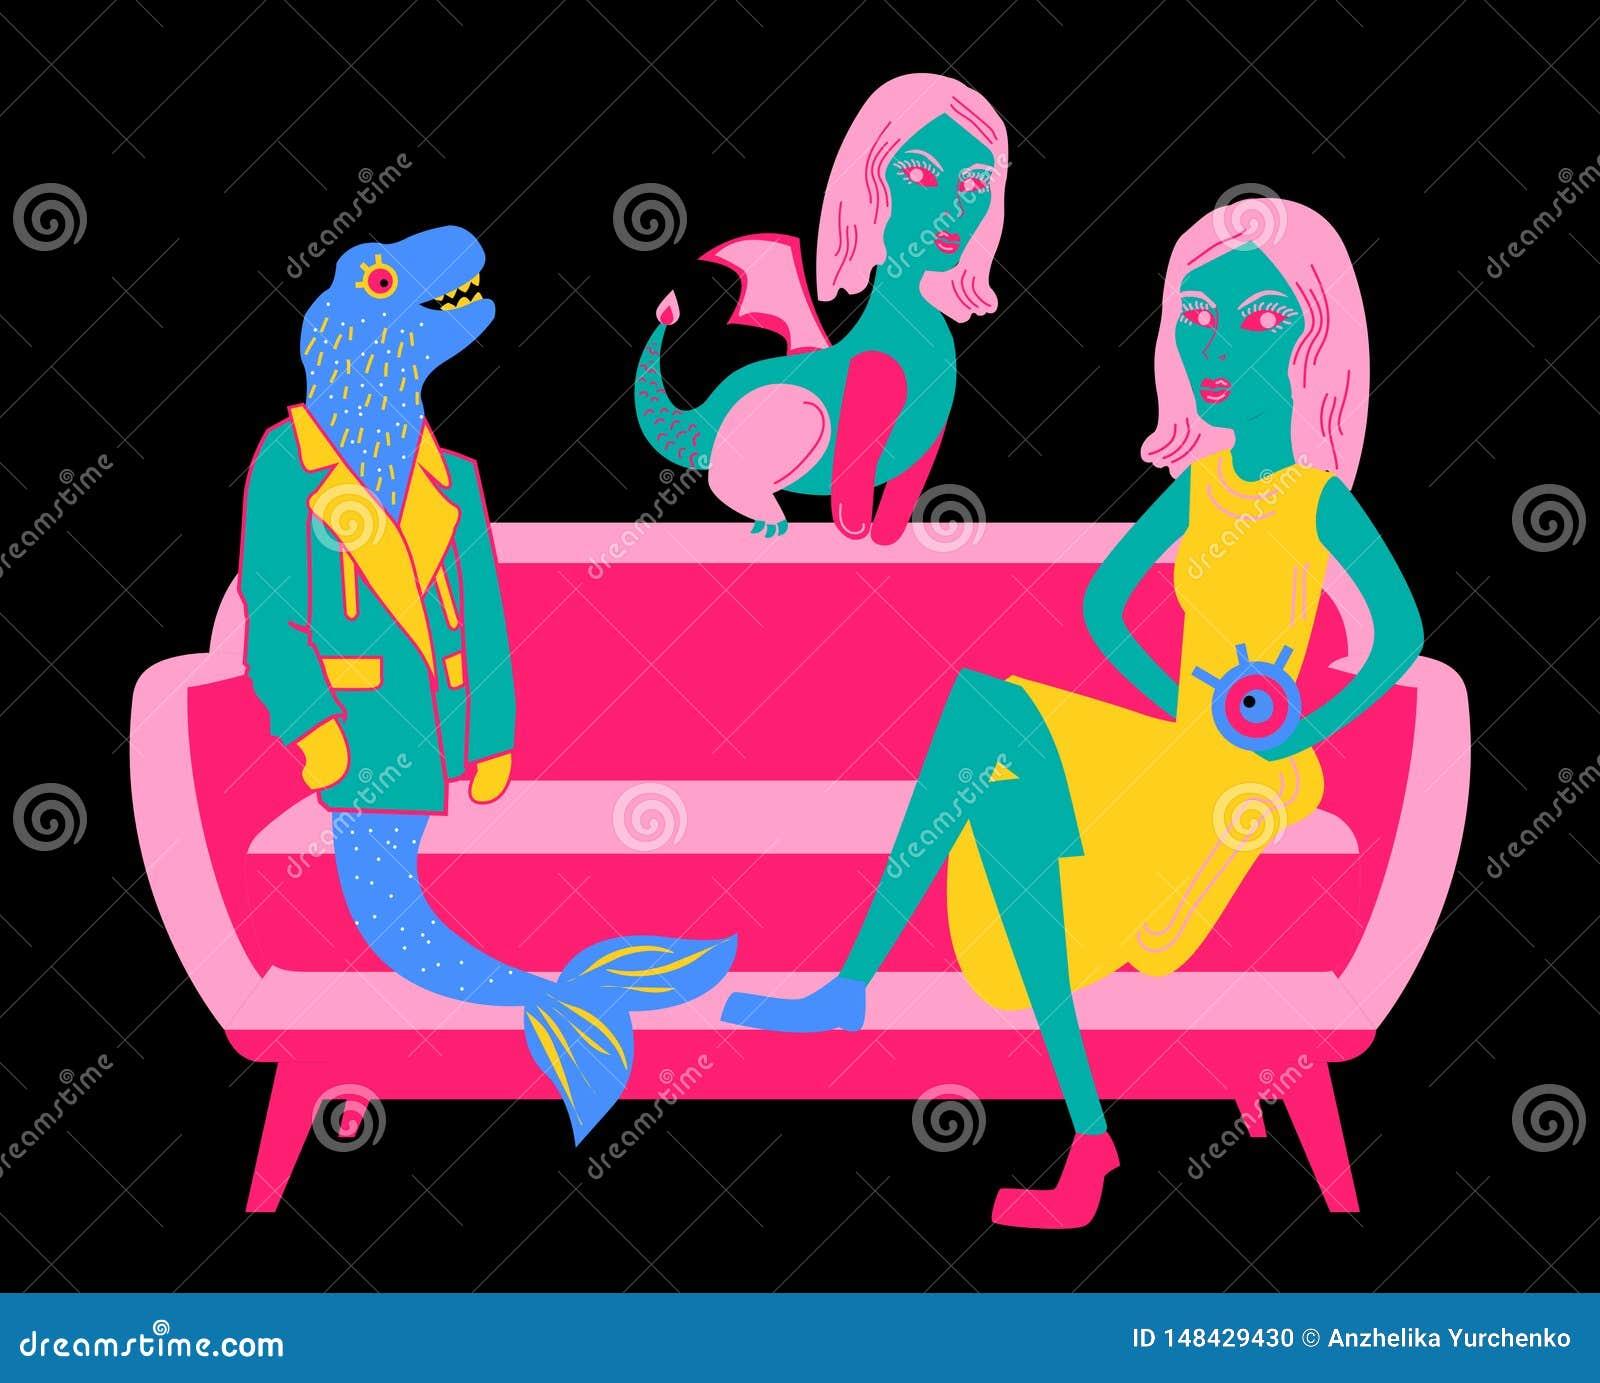 Illustration mit einem Rosa und hochrotes rotes Sofa mit einem Dinosaurier in einem blaugrünen Endstück der Jacke und einer Meerj